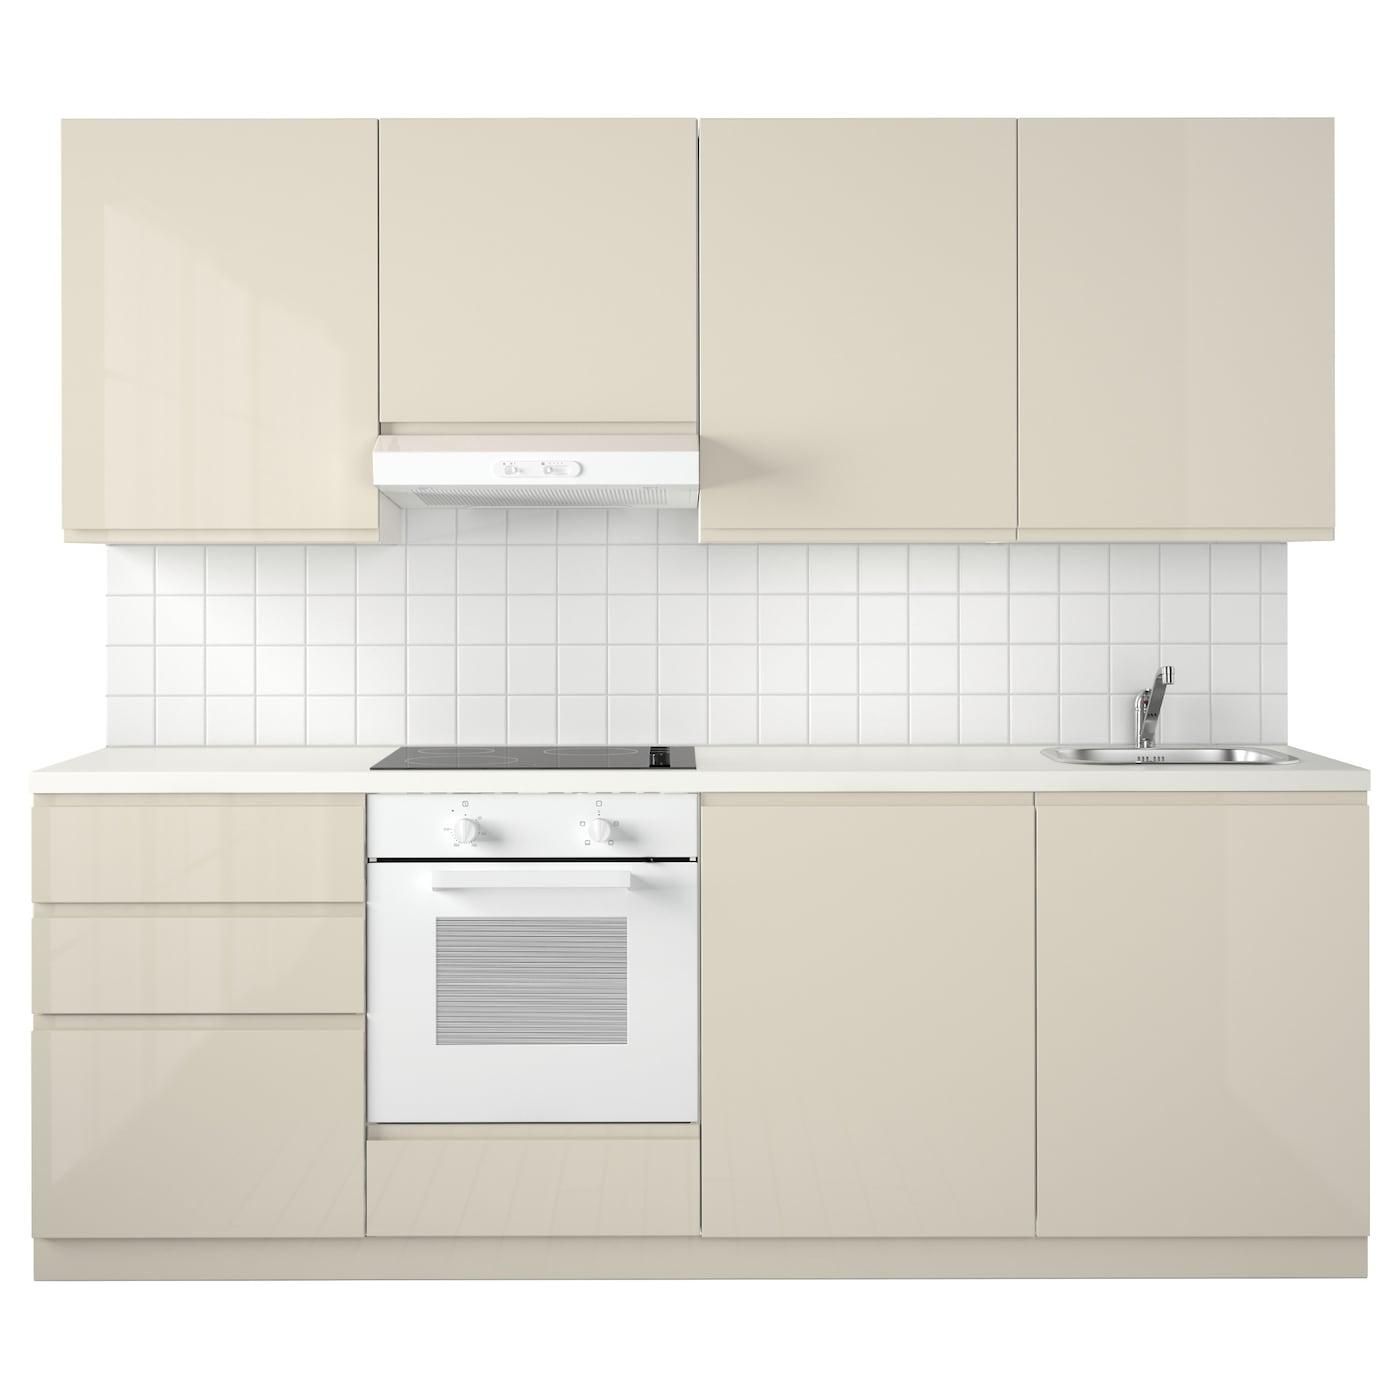 METOD Küche - weiß Maximera, Voxtorp Hgl hbei - IKEA ...